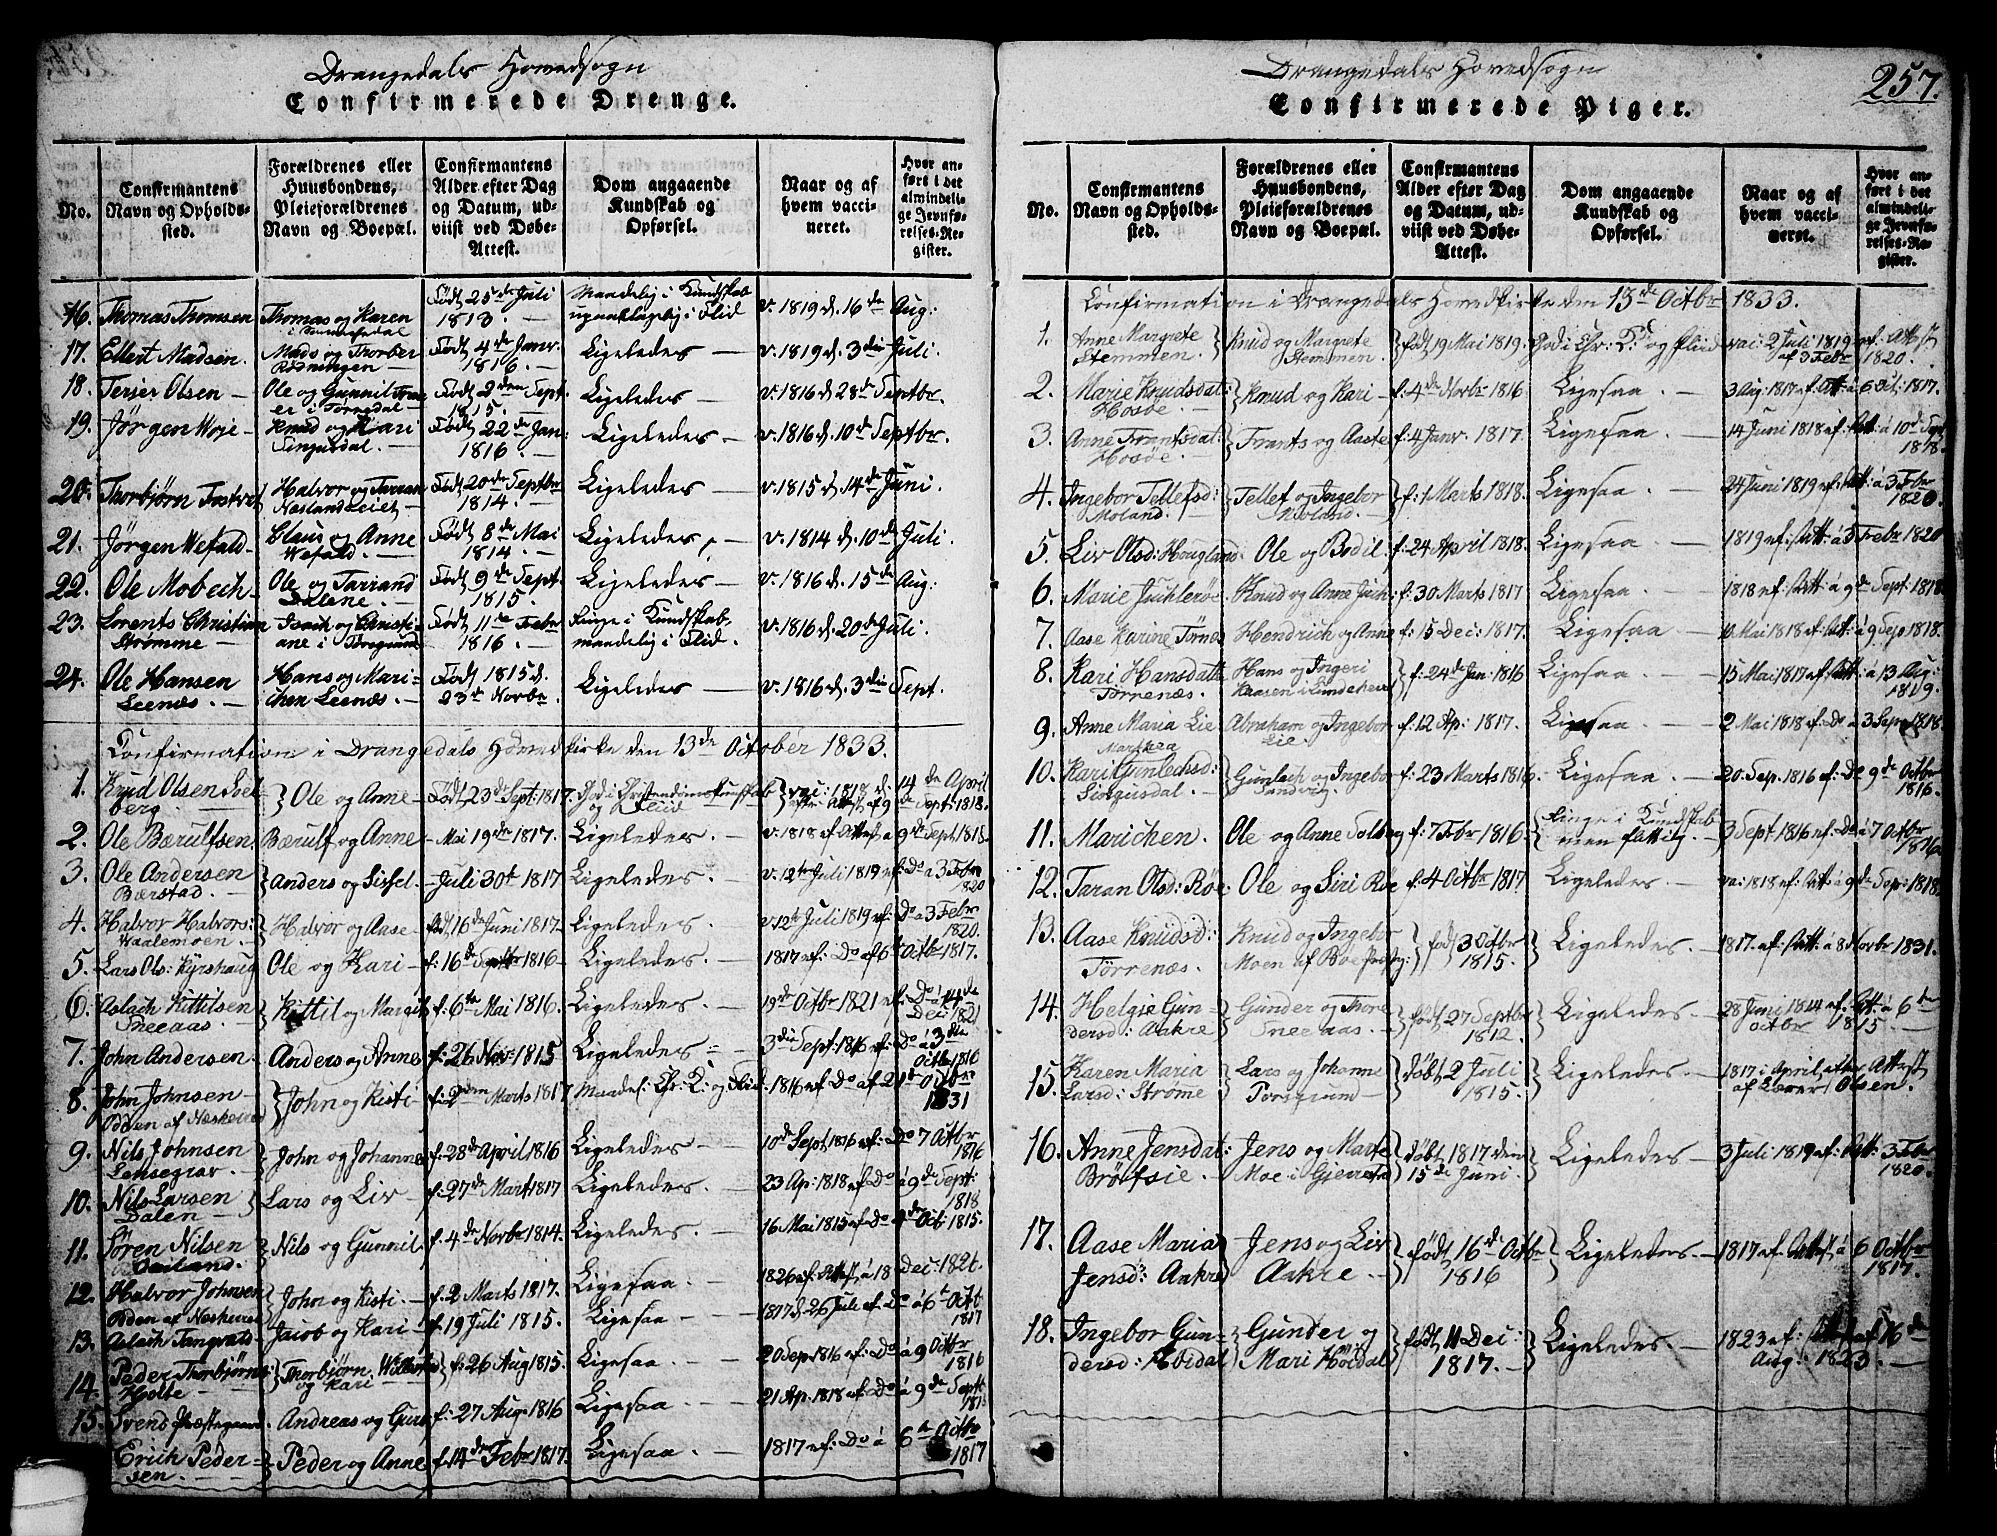 SAKO, Drangedal kirkebøker, G/Ga/L0001: Klokkerbok nr. I 1 /1, 1814-1856, s. 257